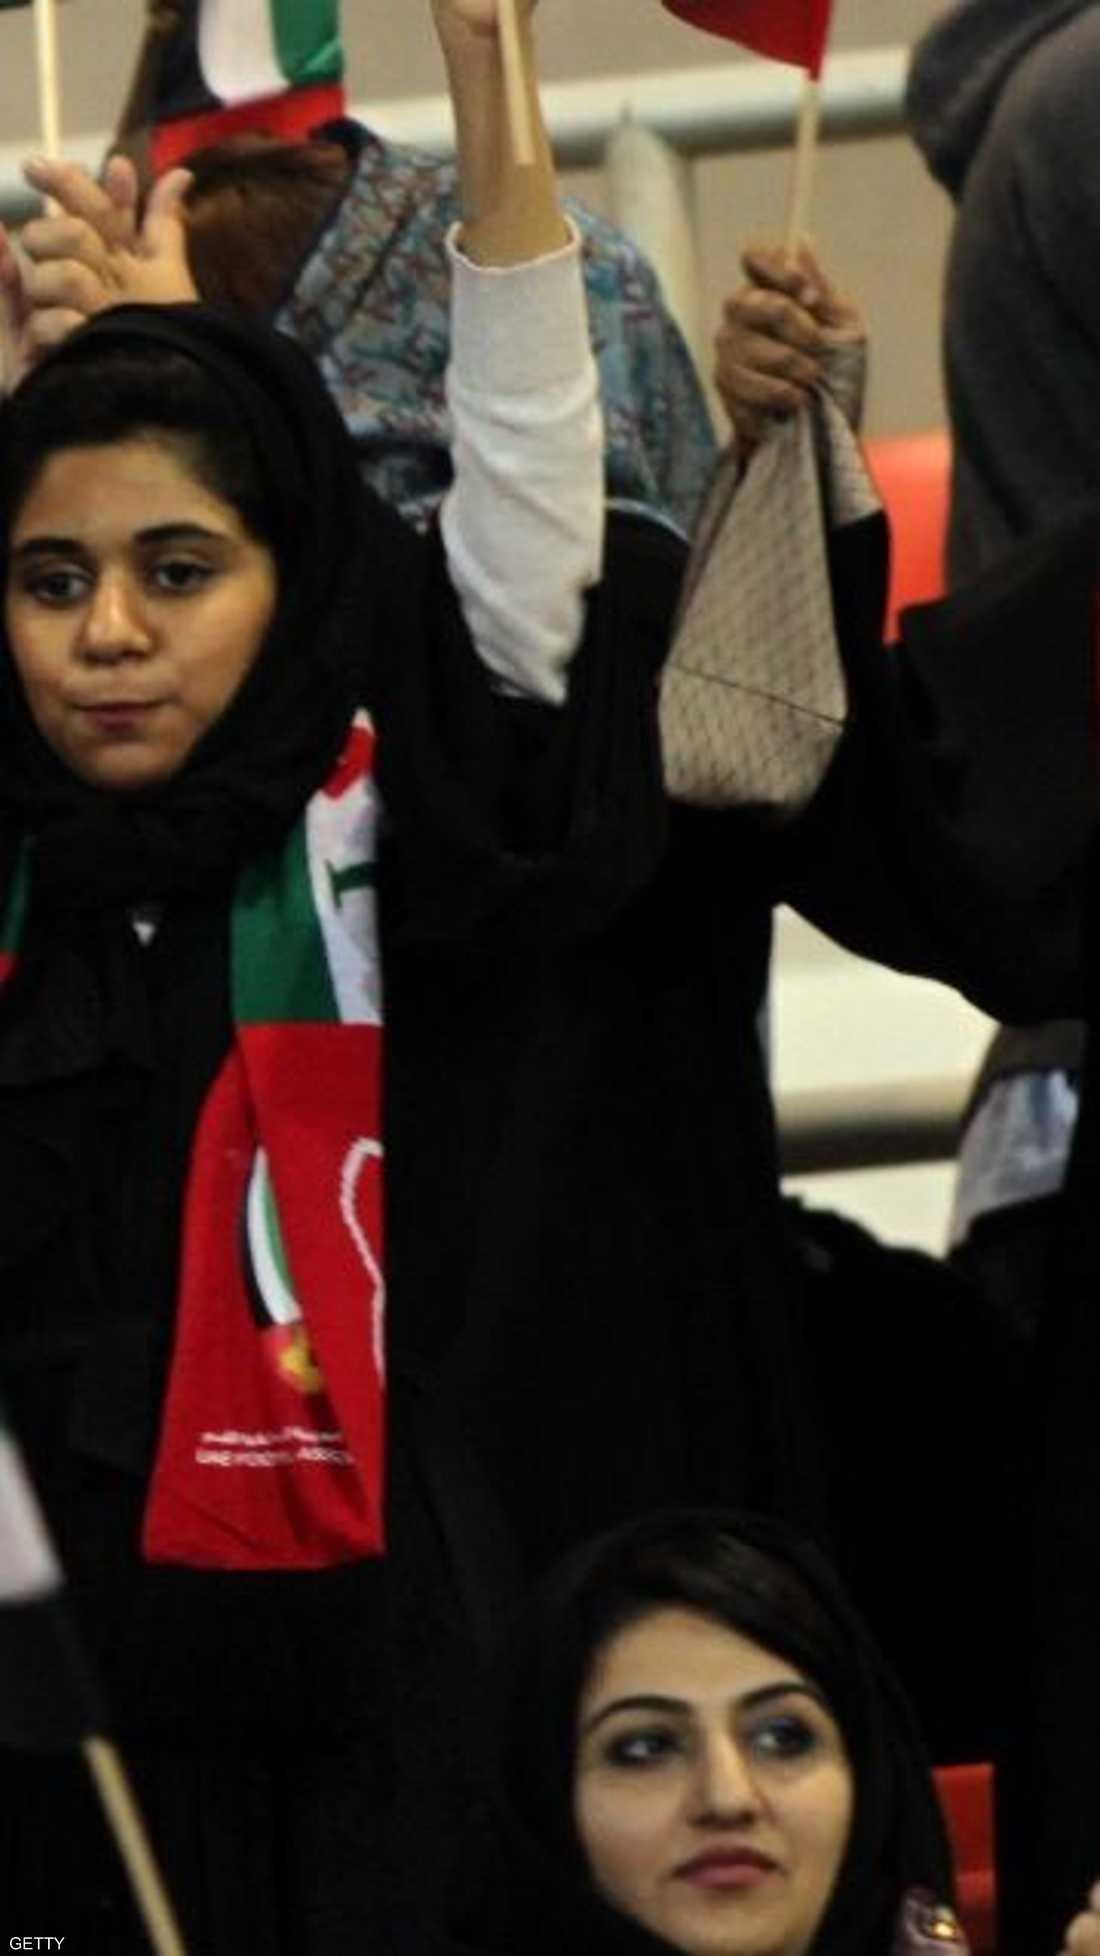 إماراتيات يؤازرن منتخب بلادهن أمام نظيره البحريني في المباراة التي انتهت بفوز الأبيض بهدفين مقابل هدف